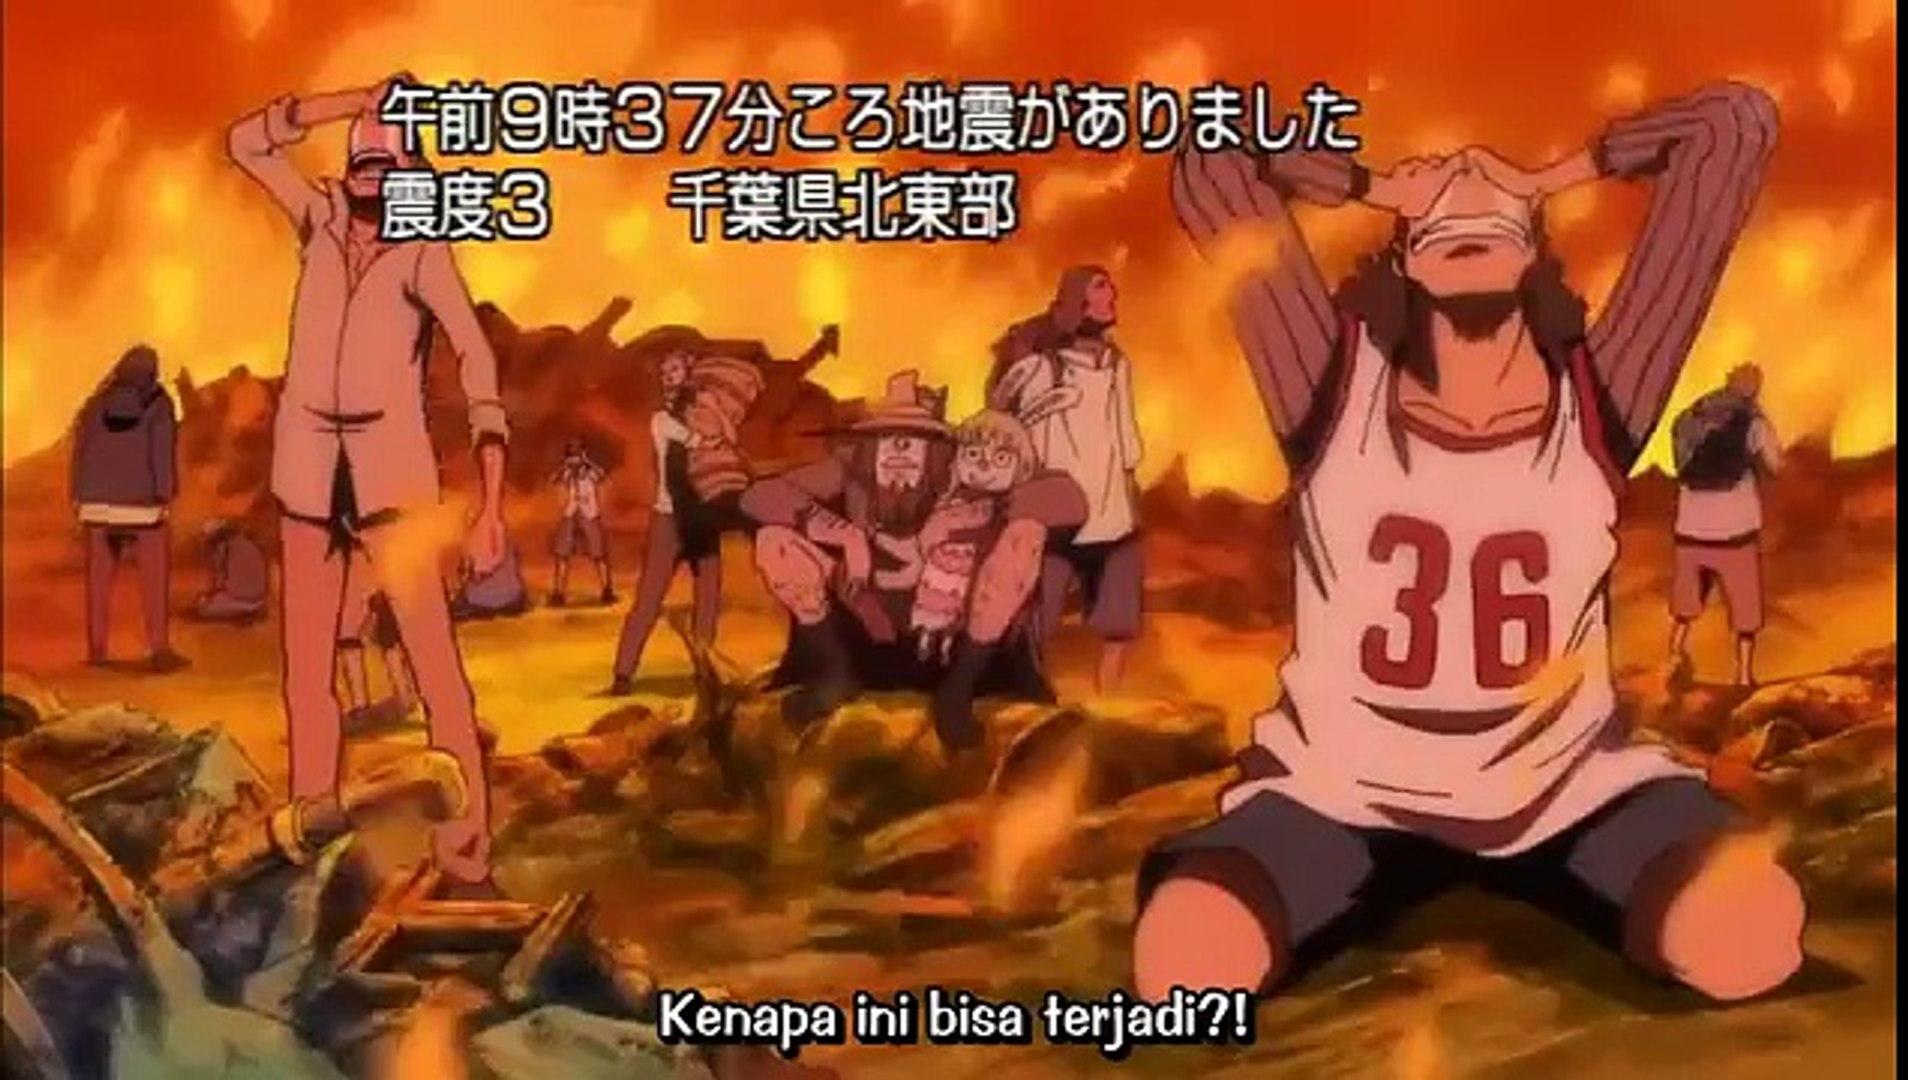 Suatu hari nanti aku yang akan merubah dunia ini !! Dragon Talk to ivankov - One Piece